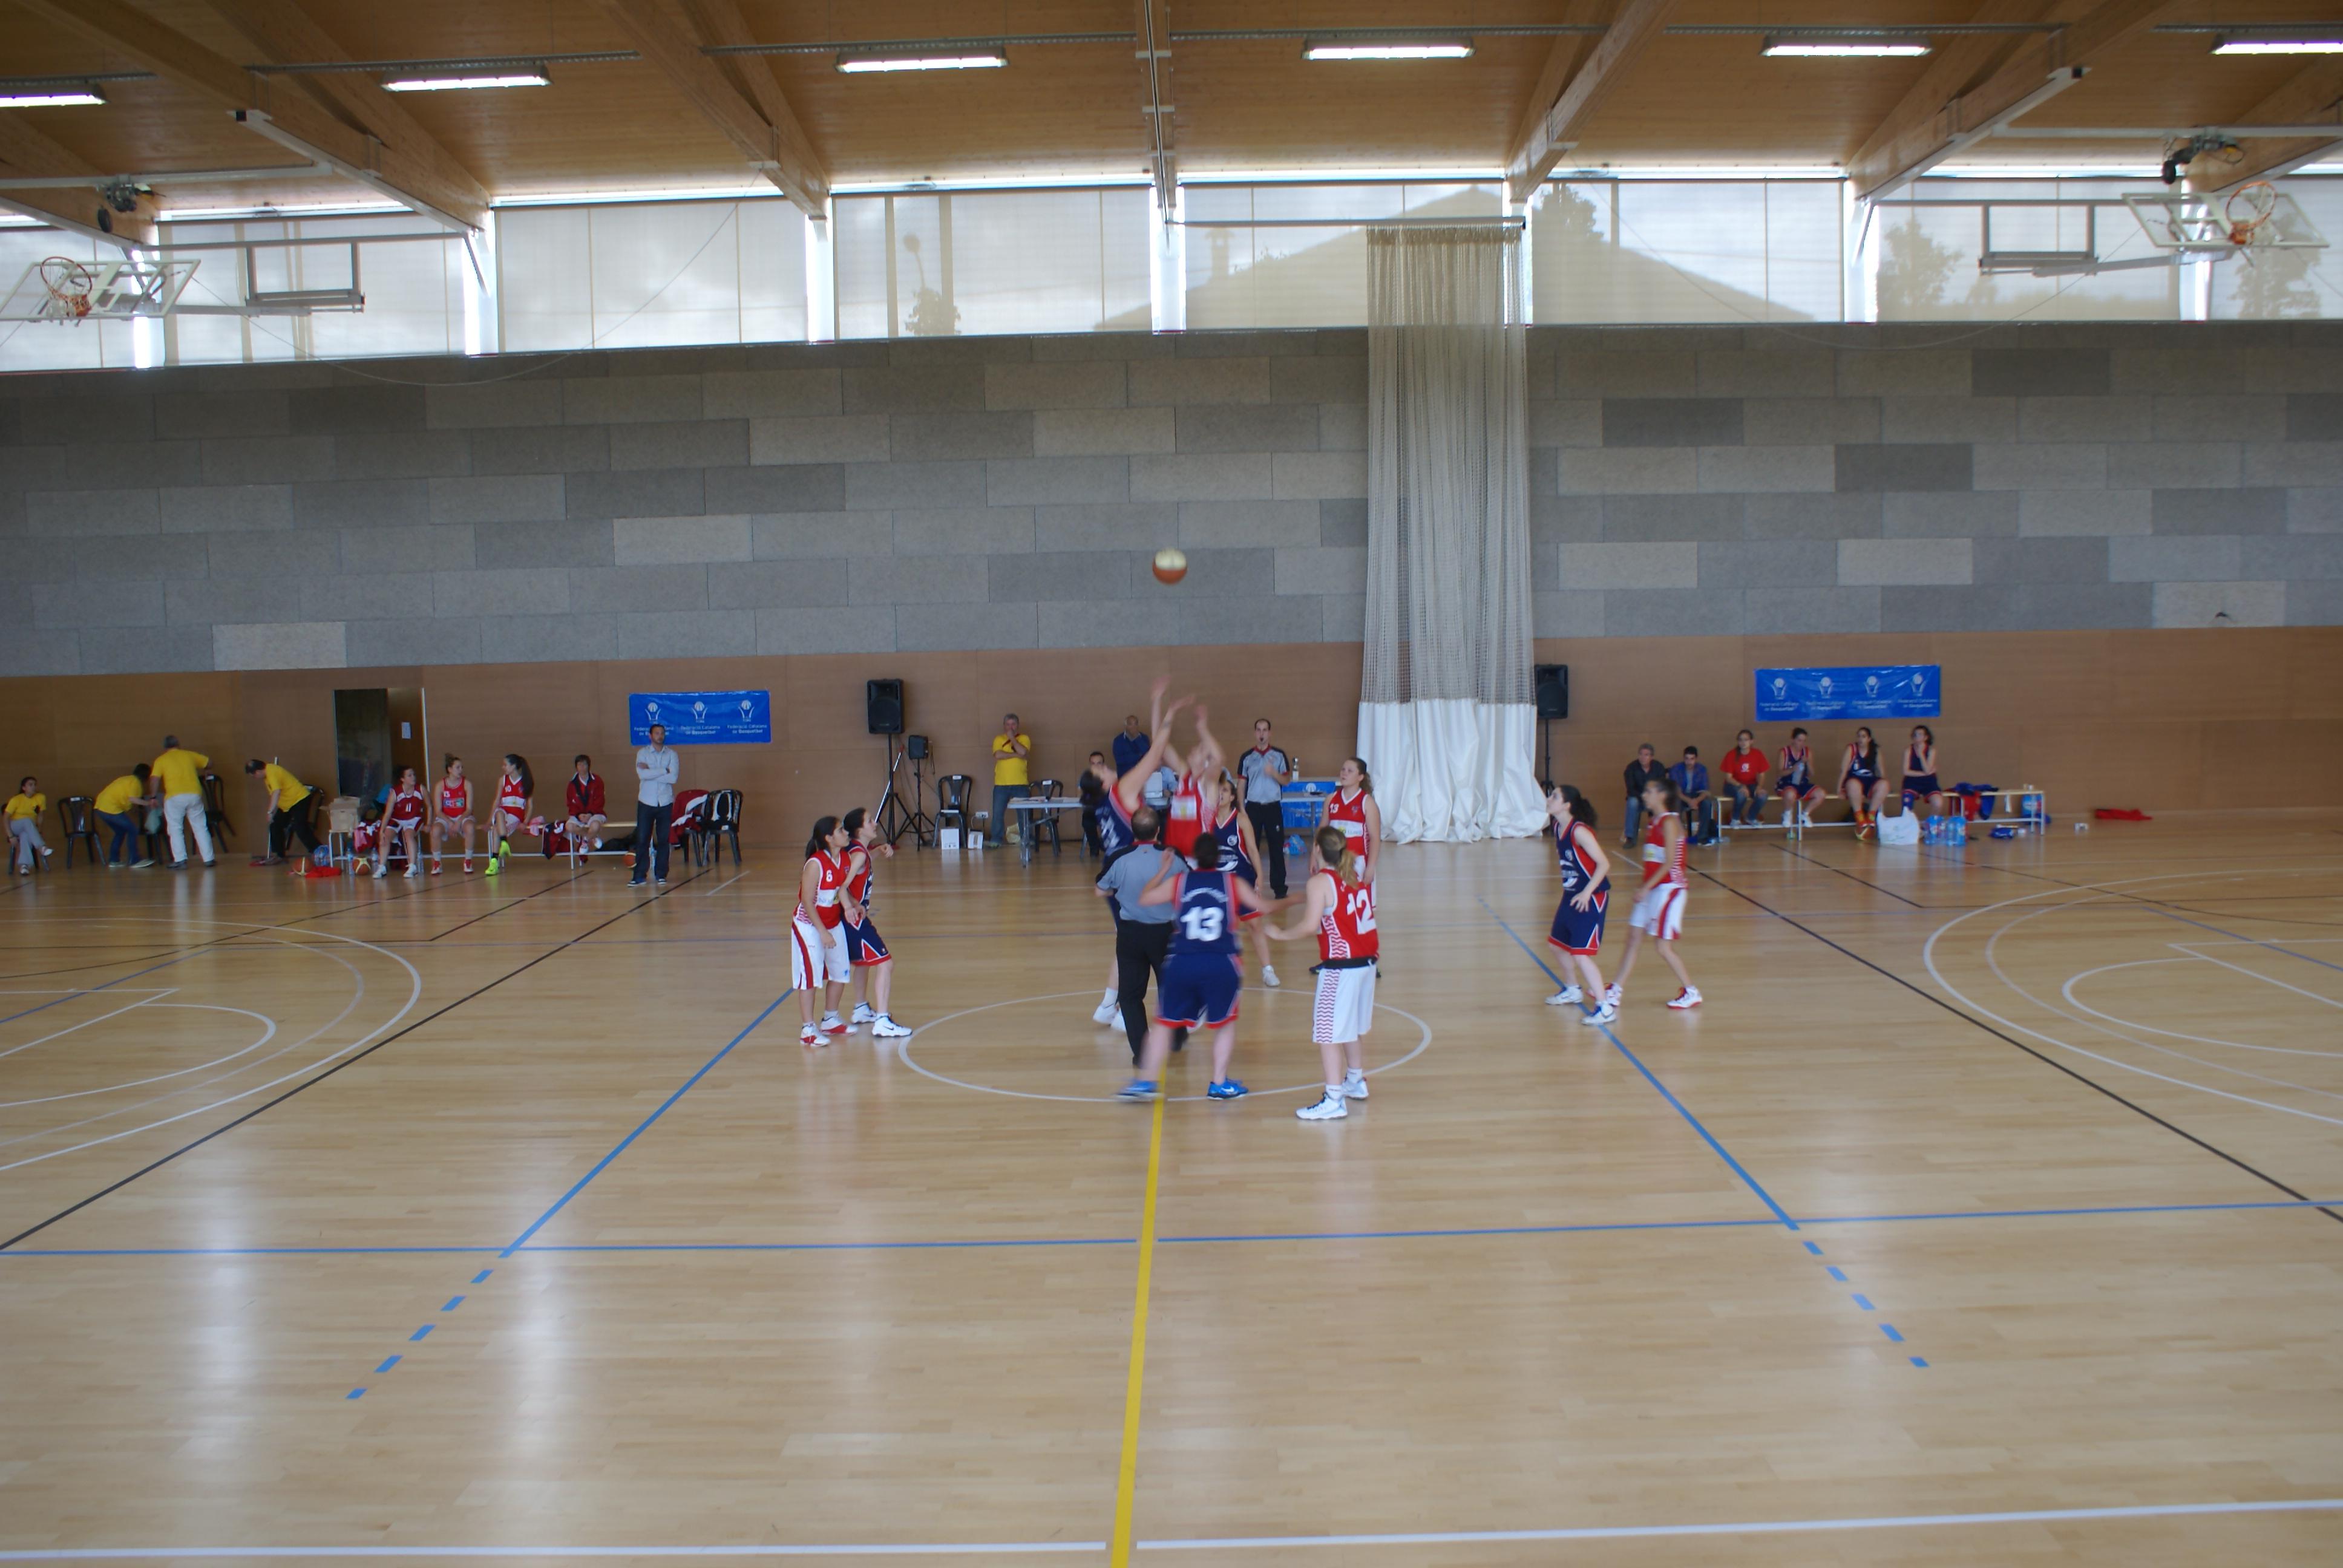 Partit bàsquet